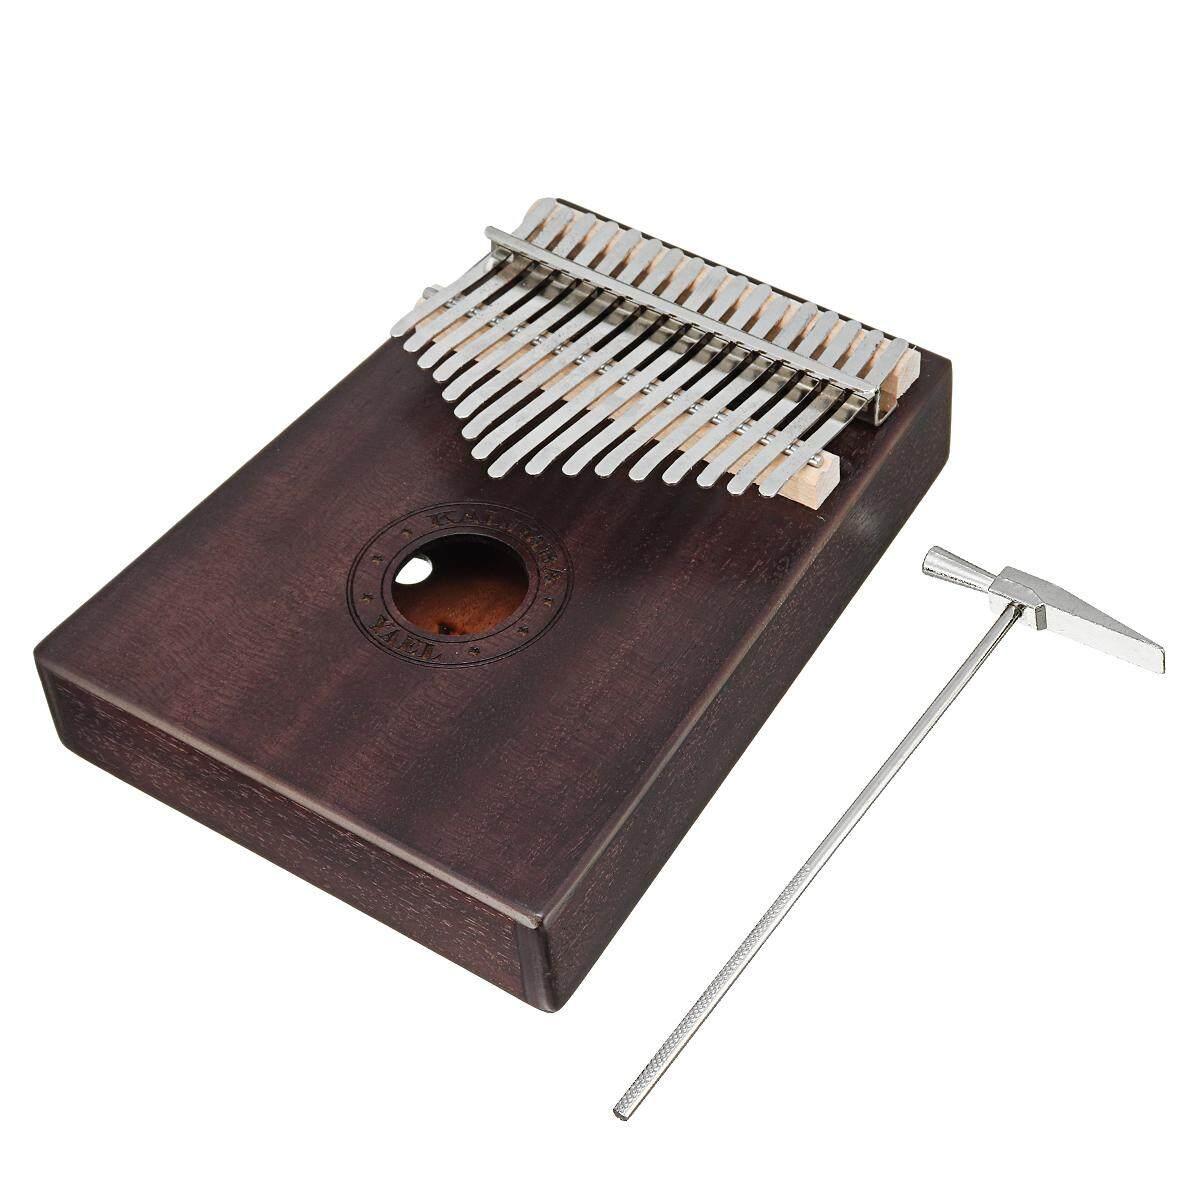 17 Phím Gỗ Kalimba Châu Phi Gỗ Gụ Ngón Tay Cái Đàn Piano Ngón Tay Bộ Gõ Nhạc Quà Tặng